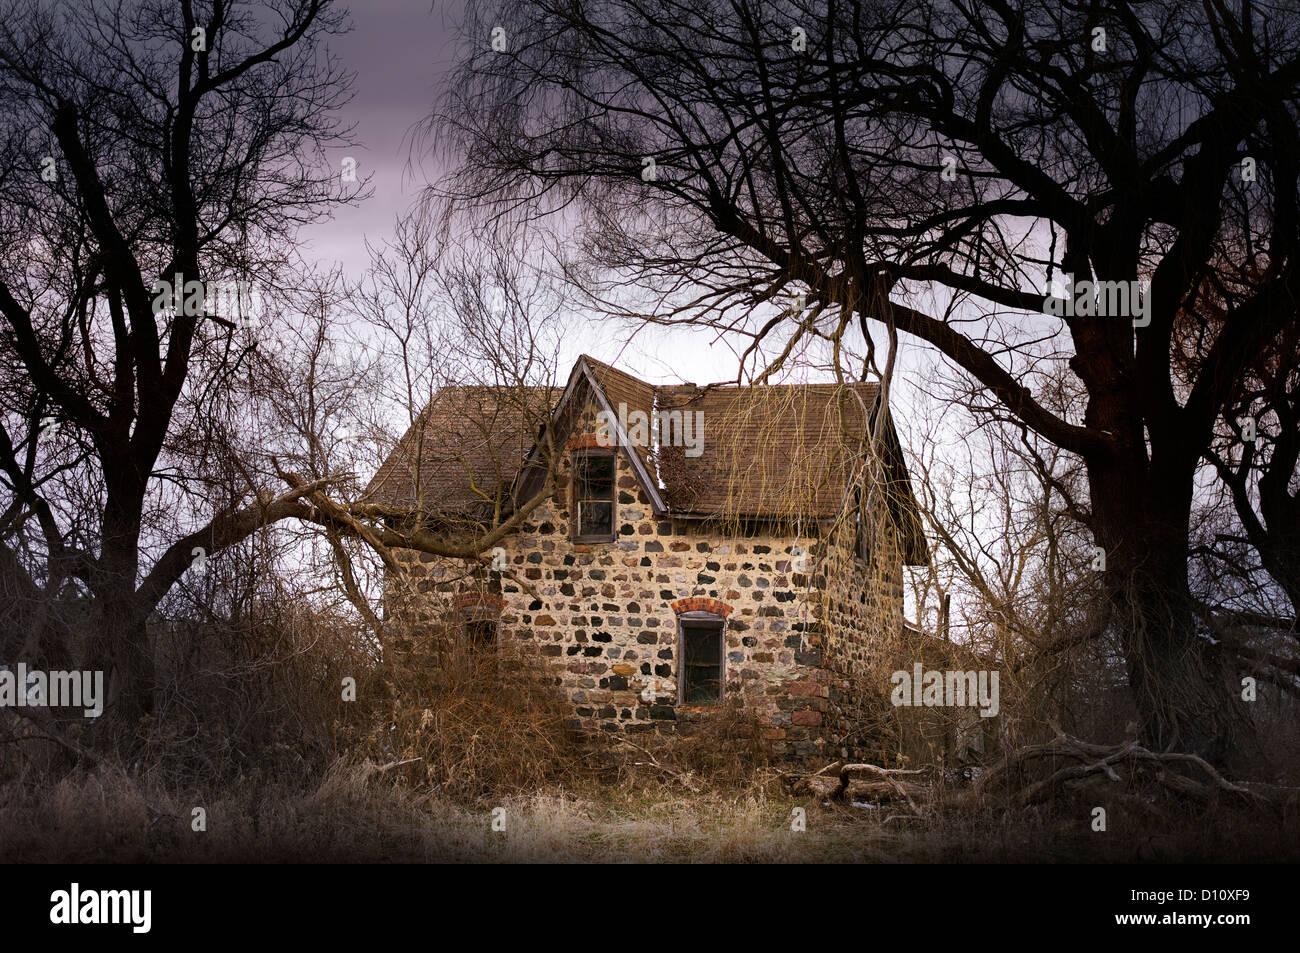 petite maison abandonn e dans les bois banque d 39 images photo stock 52266573 alamy. Black Bedroom Furniture Sets. Home Design Ideas